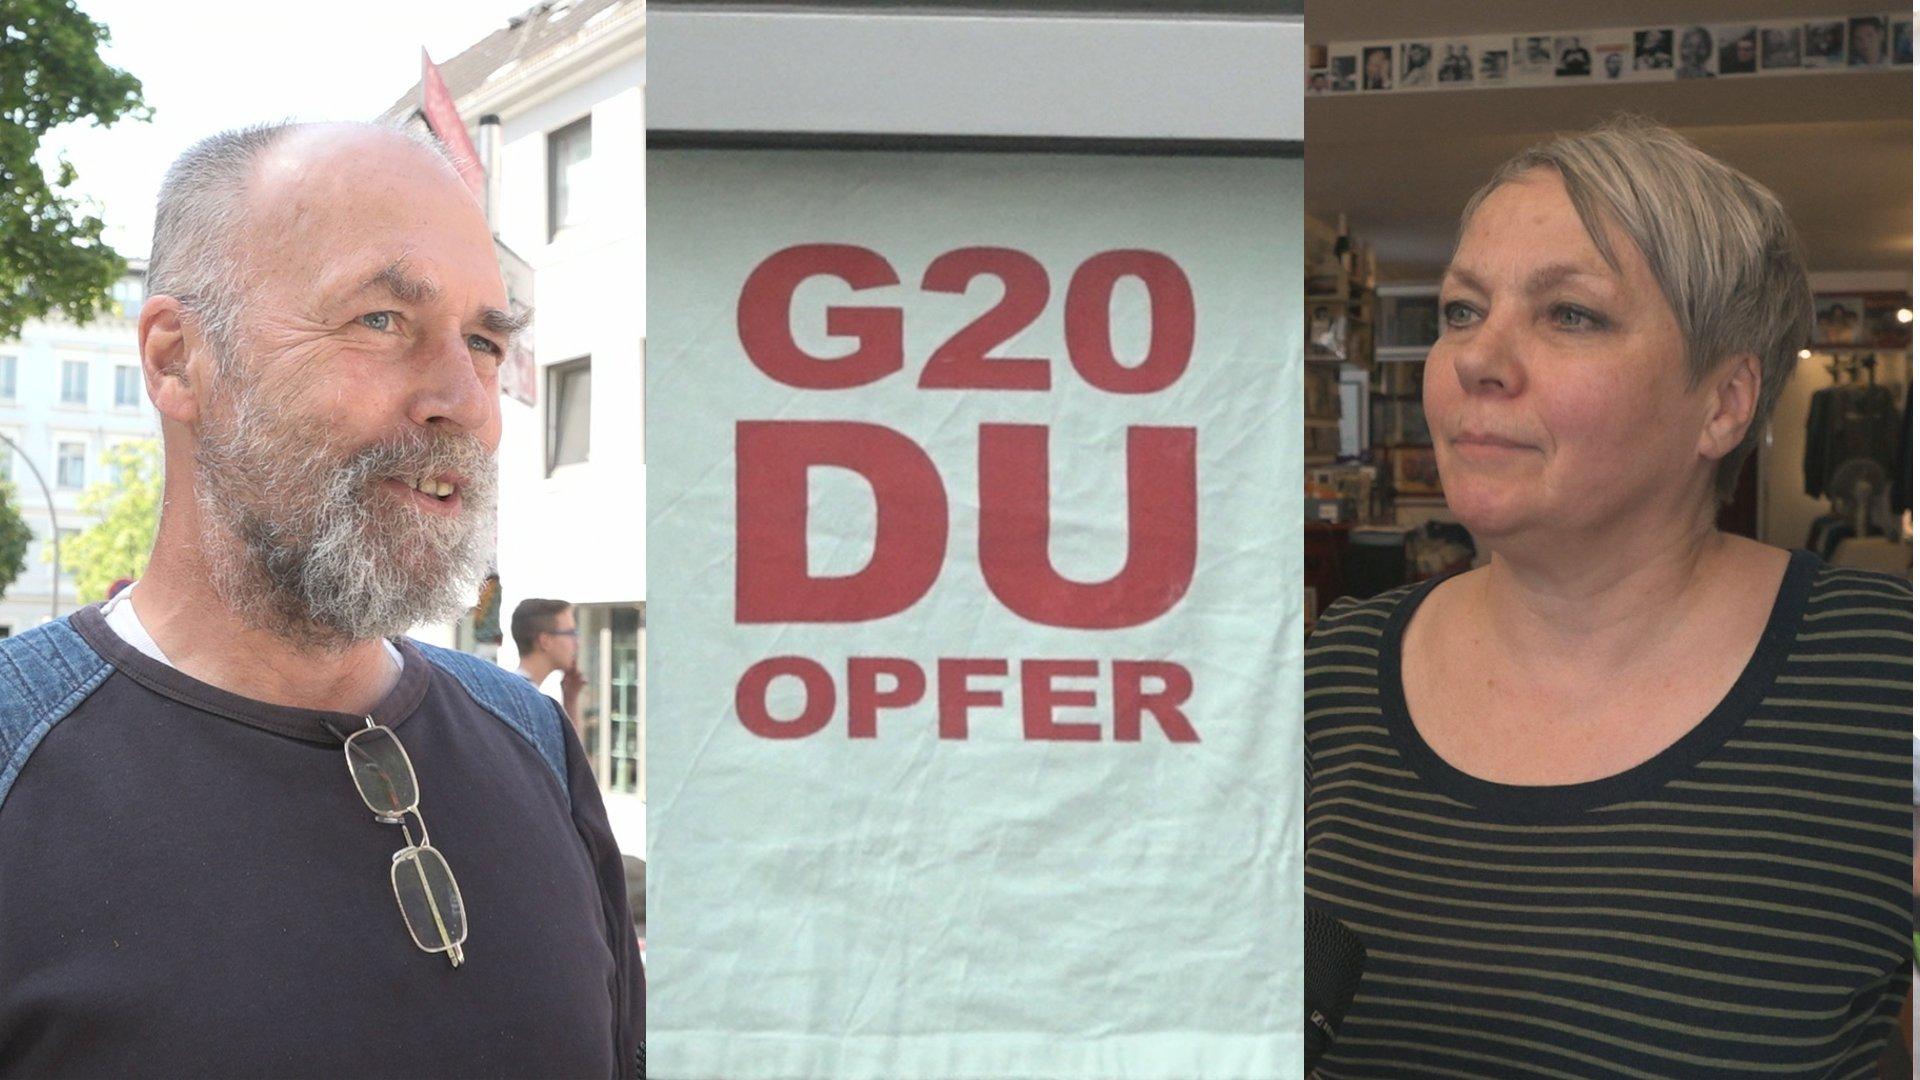 G20-Gipfel: So ist die Stimmung bei Anwohnern des Karoviertels